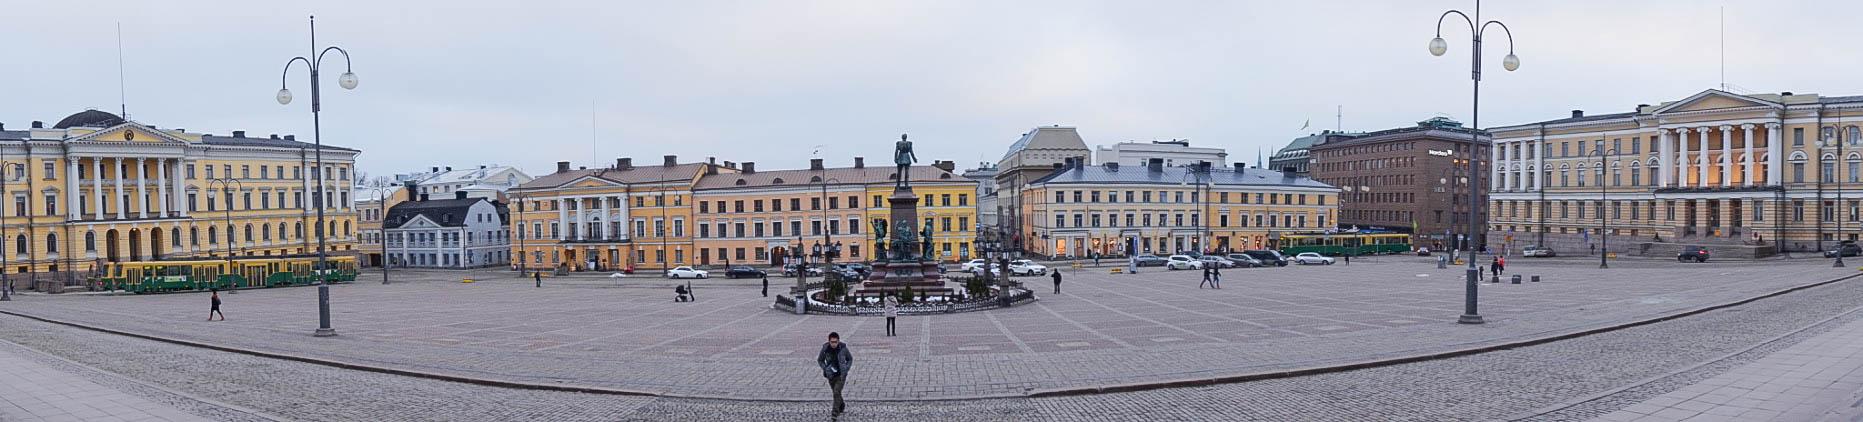 Helsinki-Senate Square